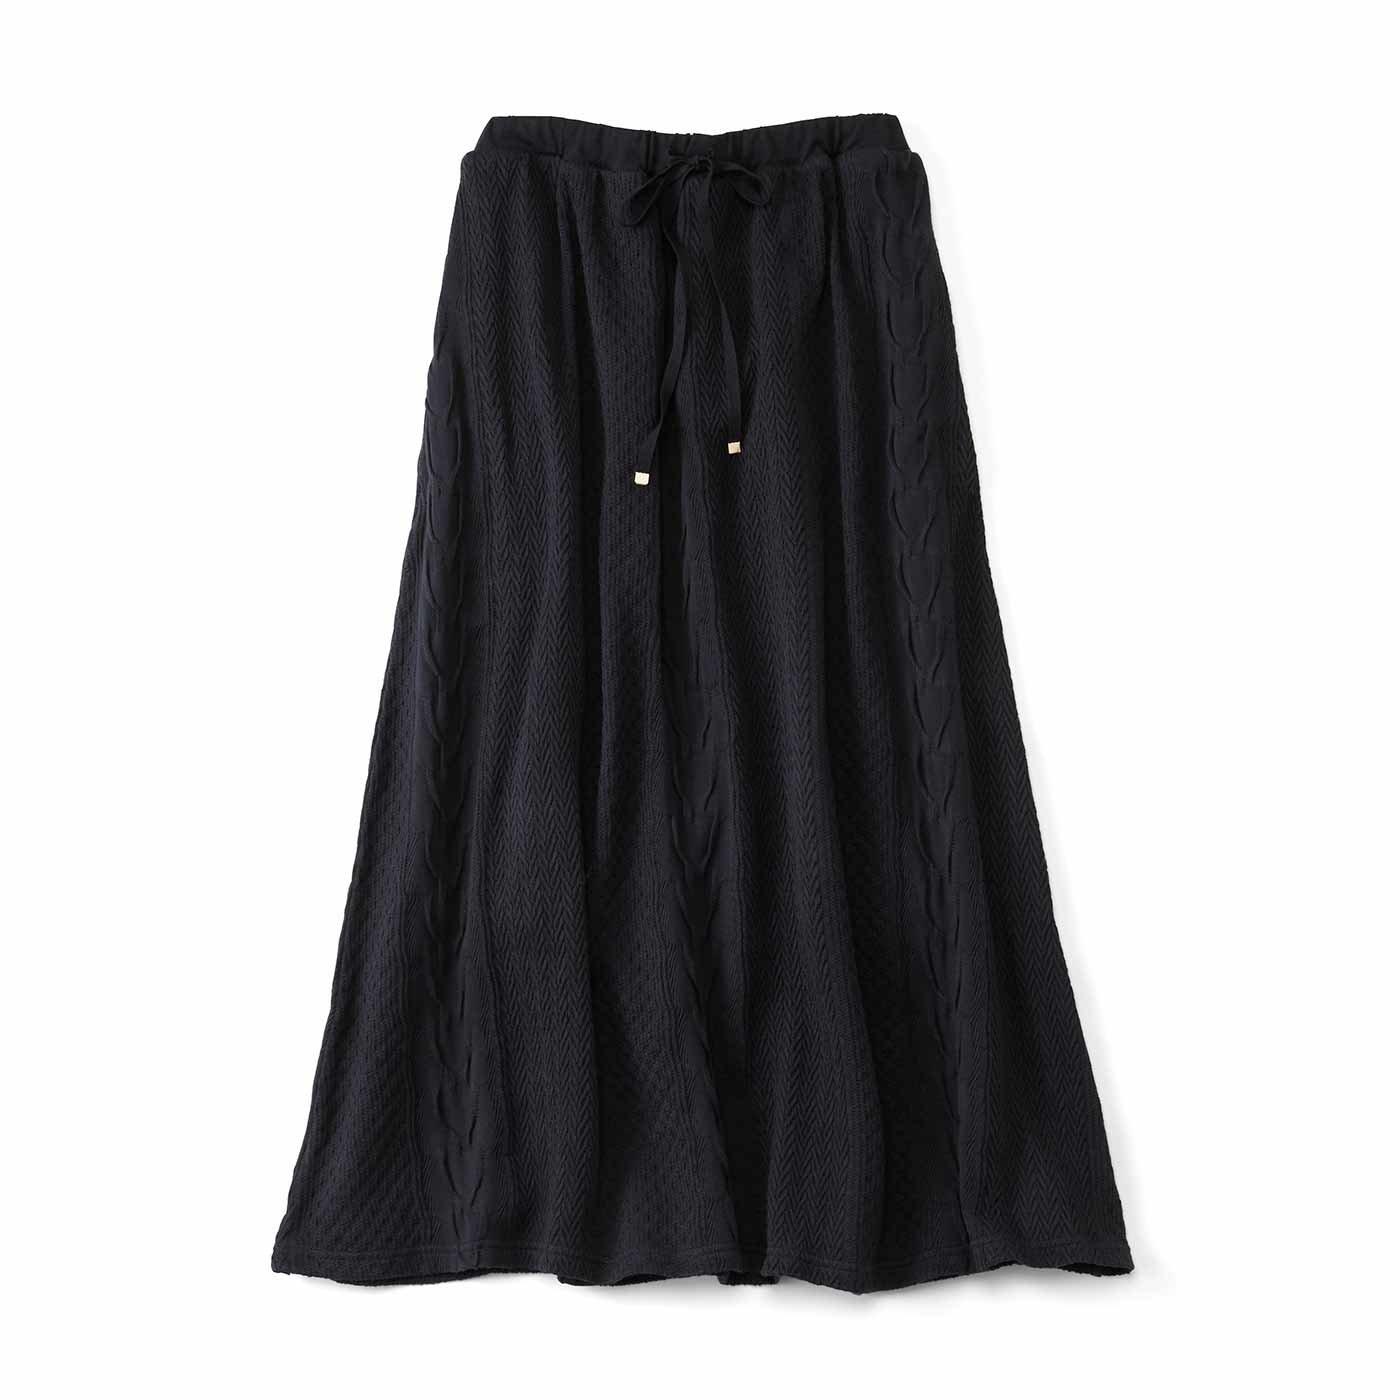 Live love cottonプロジェクト リブ イン コンフォート 編み柄が素敵なオーガニックコットンロングスカート〈ブラック〉